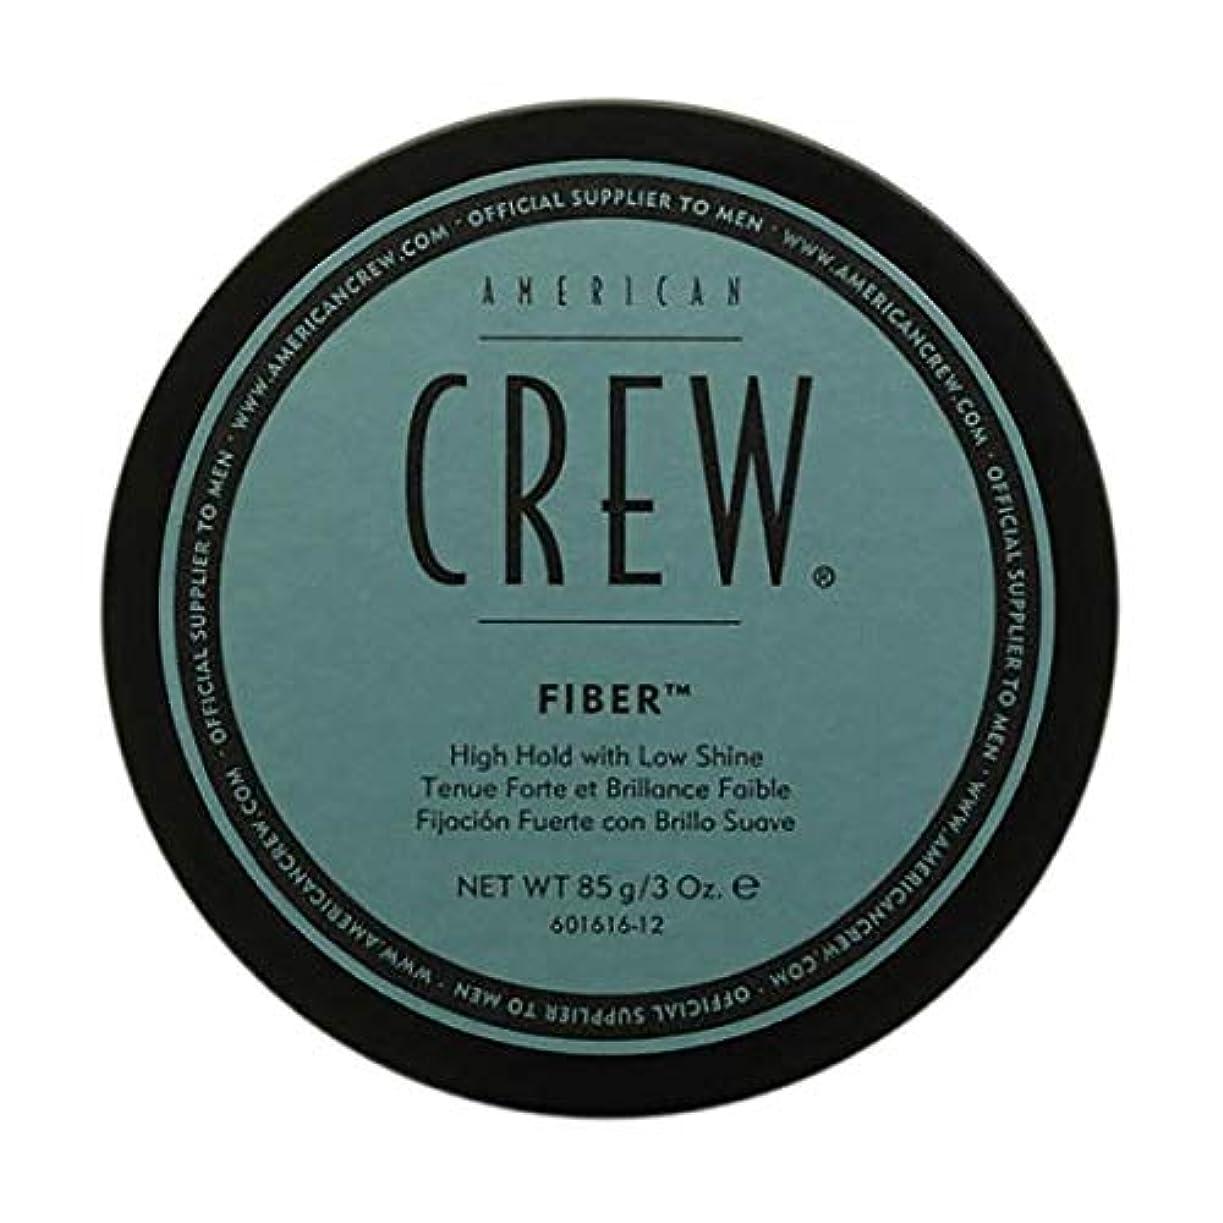 選挙放棄されたブランドアメリカンクルー クラシック ファイバー American Crew Fiber 85g [並行輸入品]